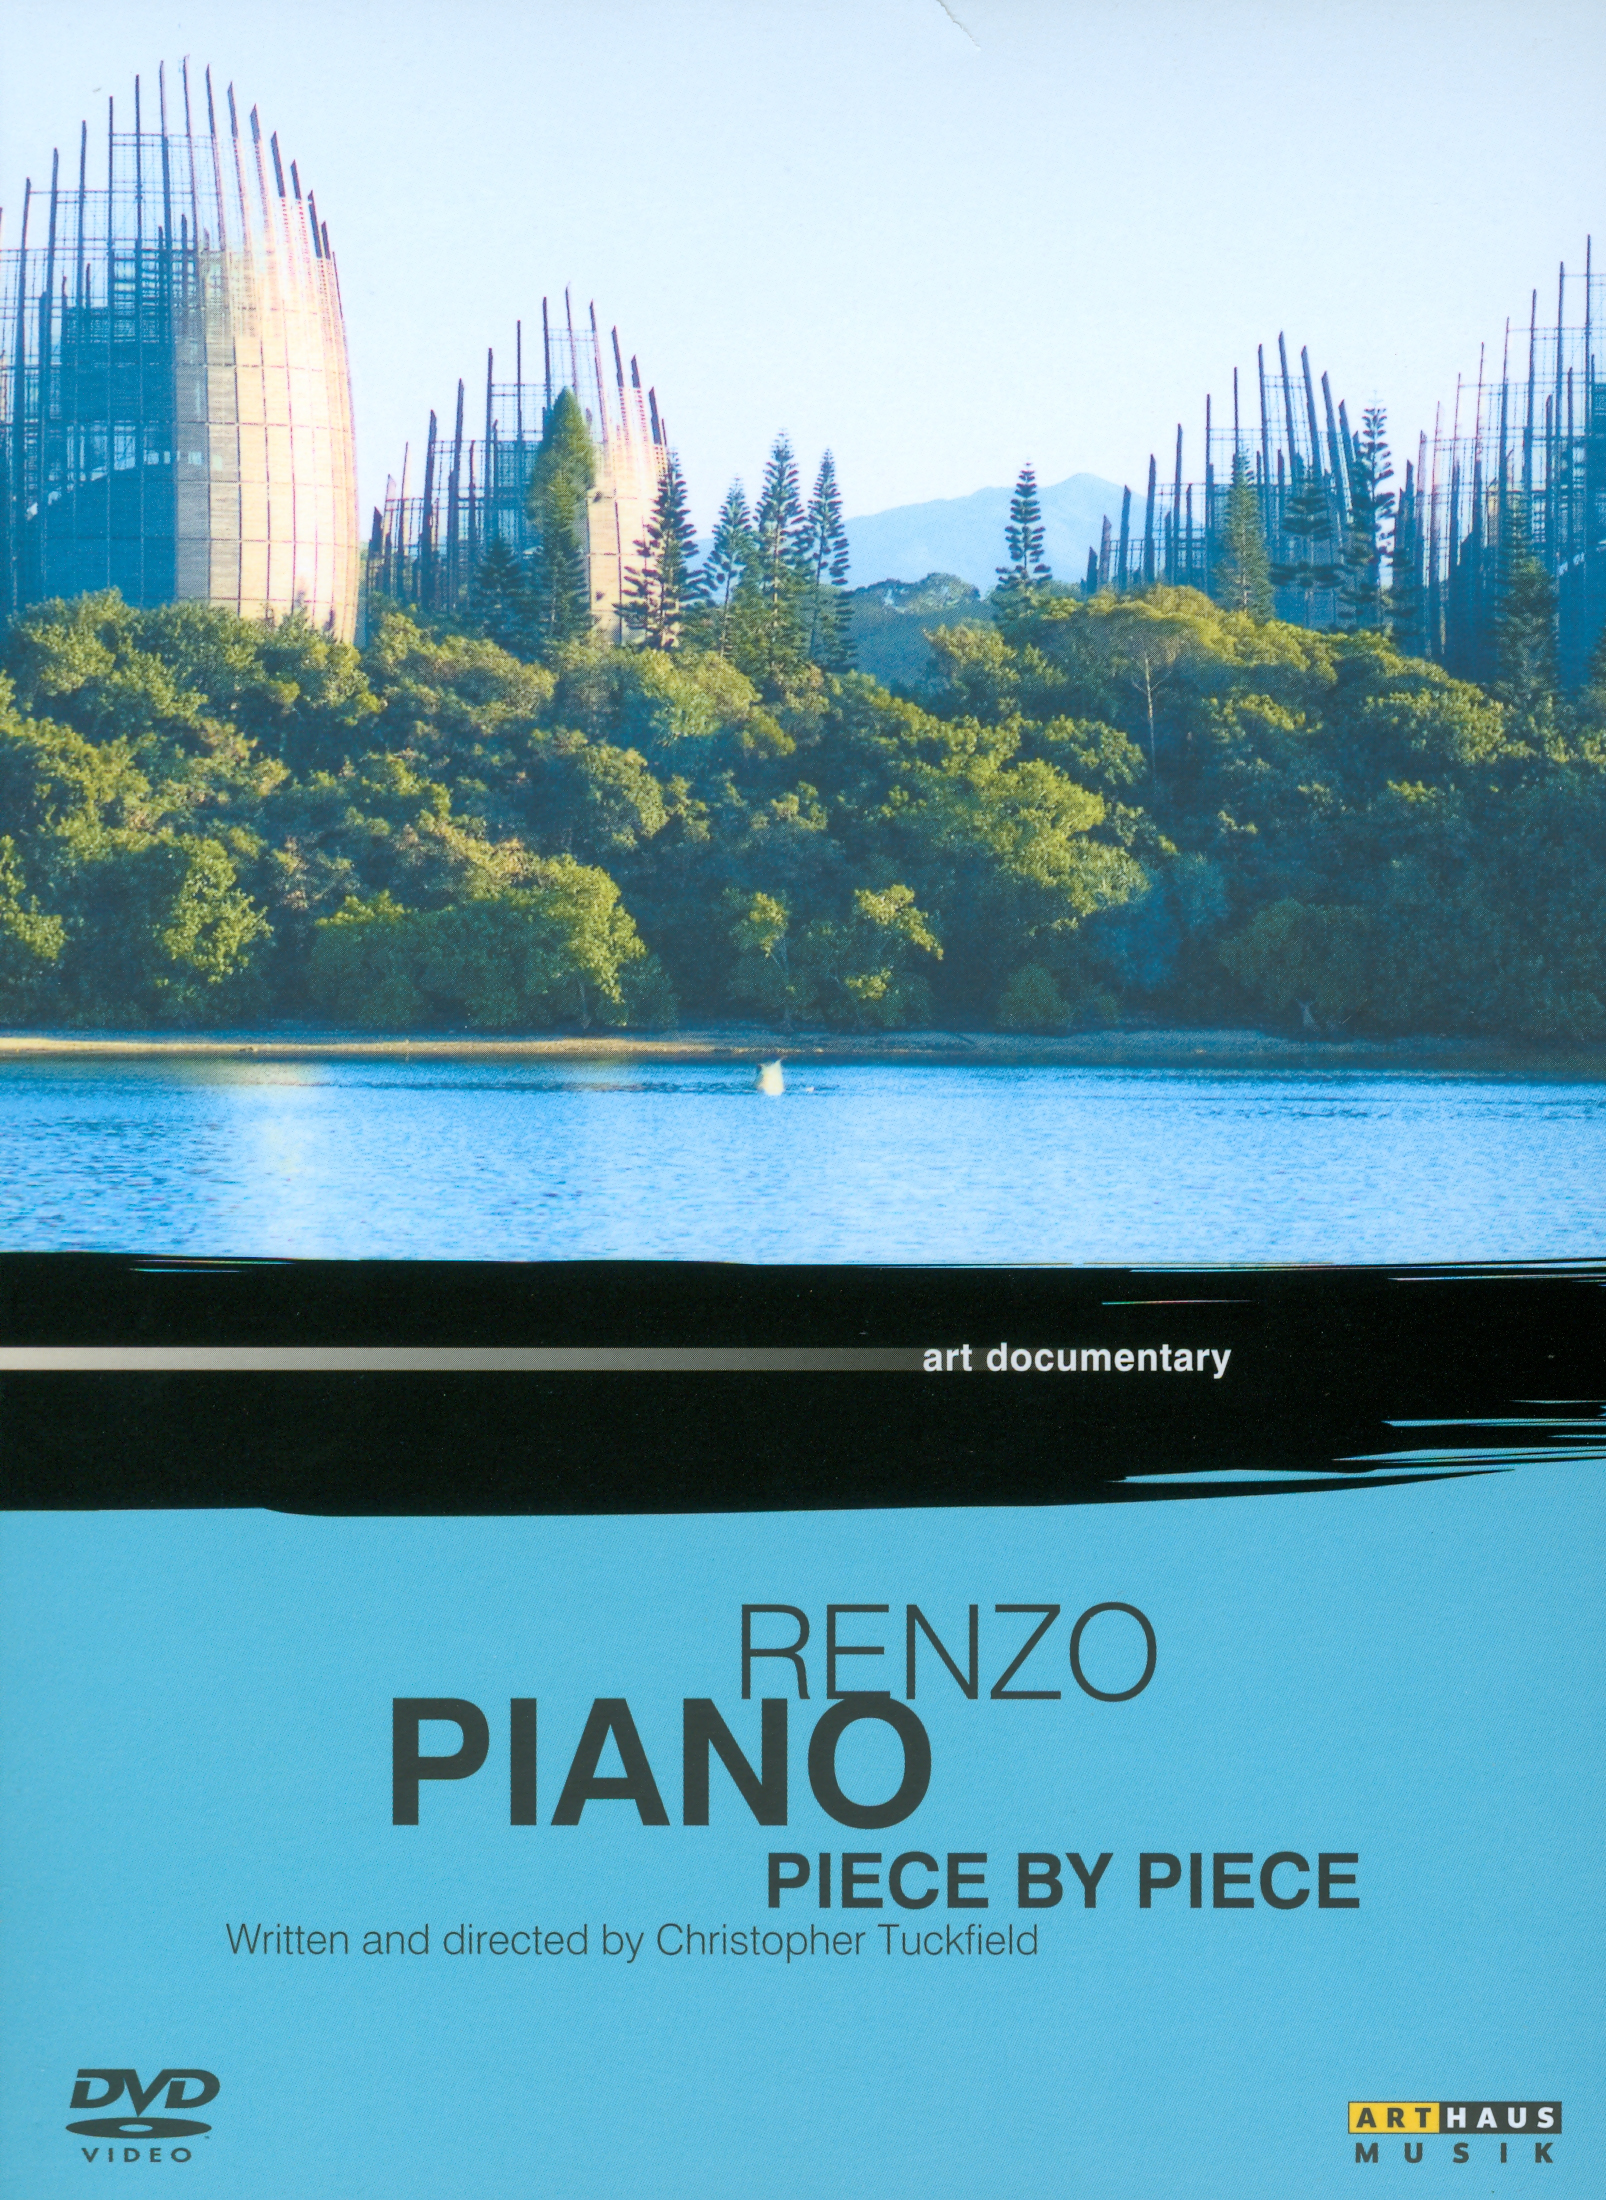 Renzo Piano: Piece By Piece